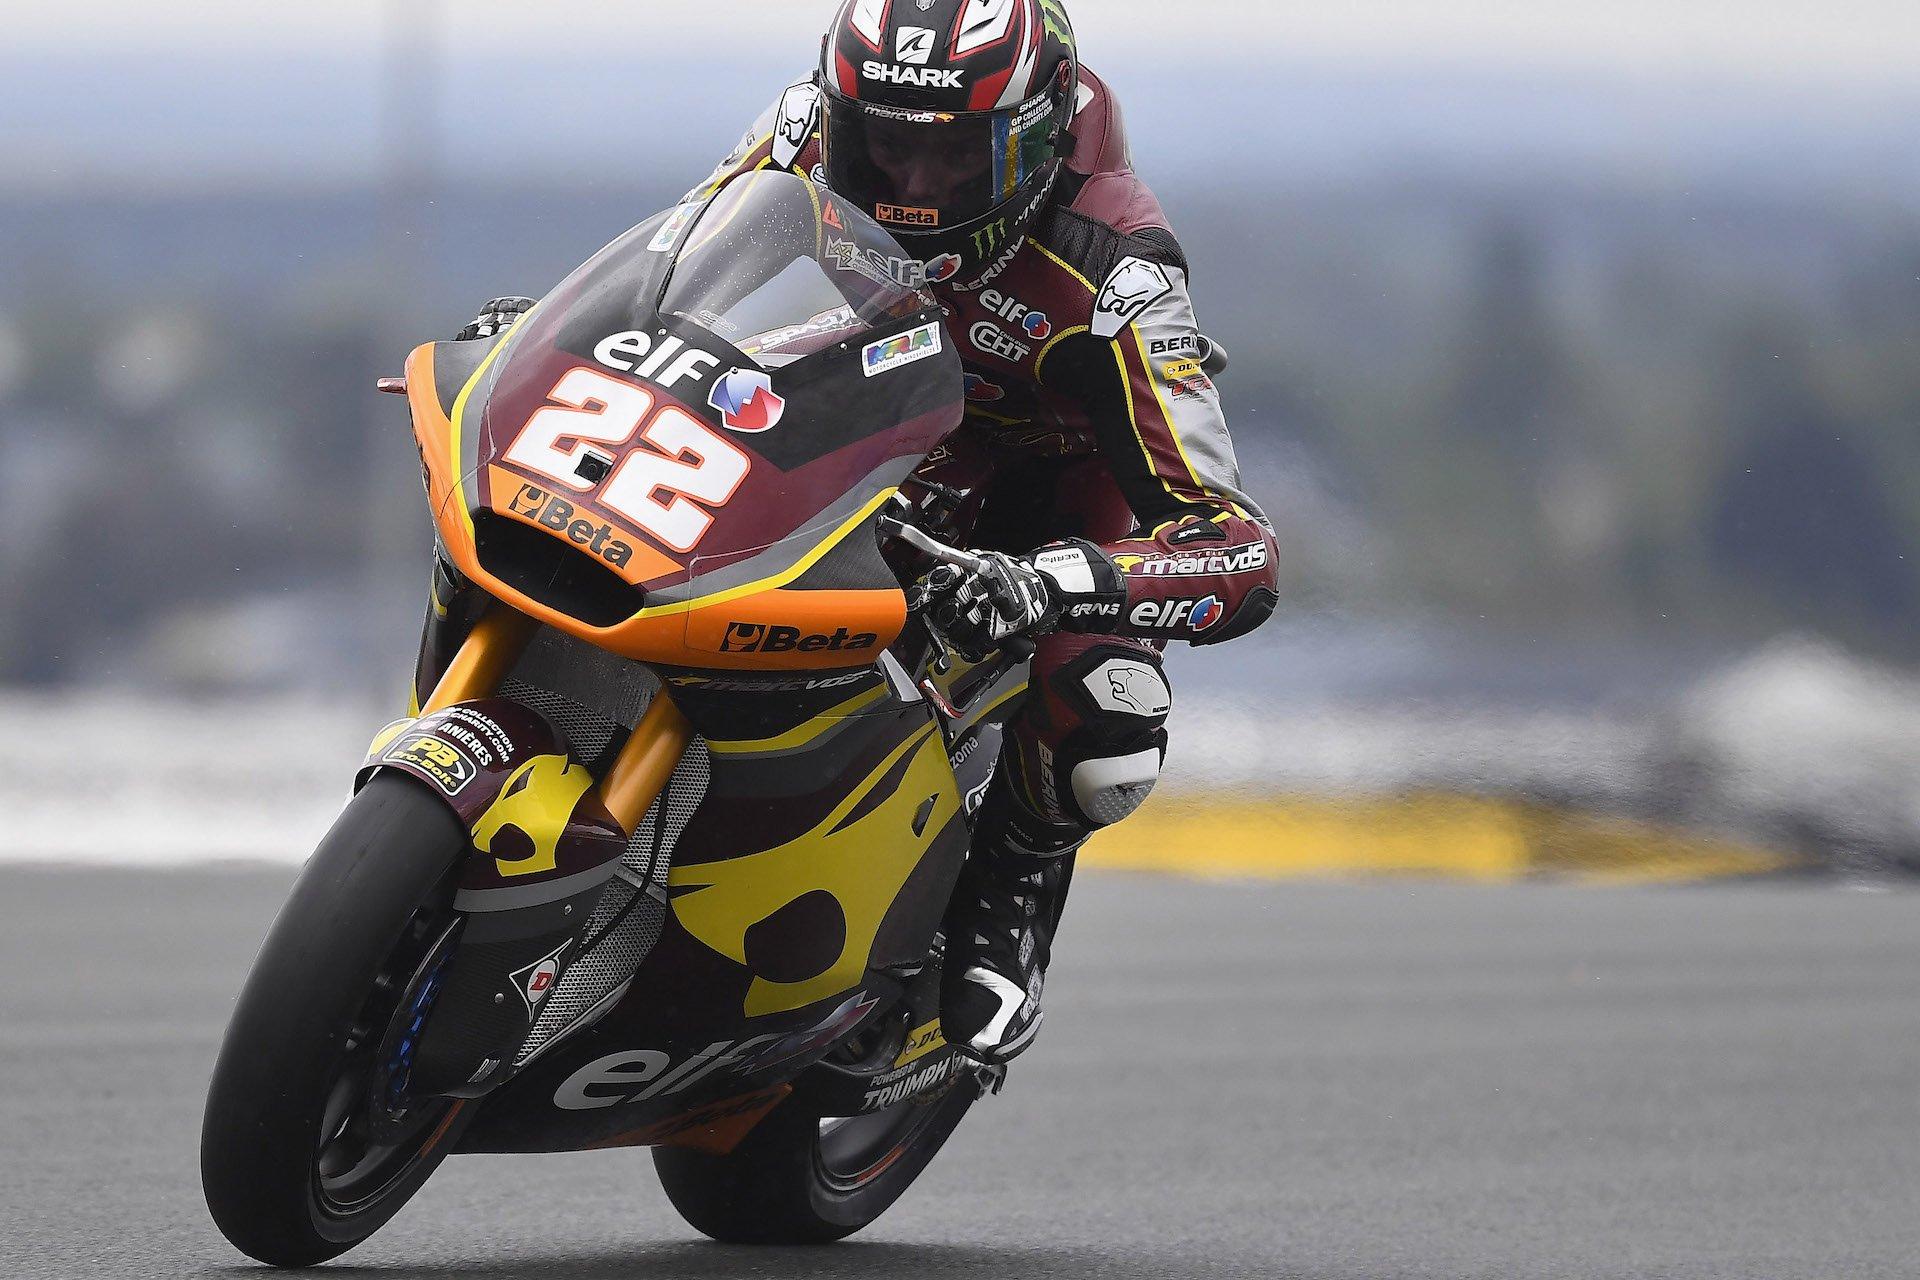 Gran Premio de Francia, combinada del viernes en Moto2: Lowes lidera, Fernández aprieta